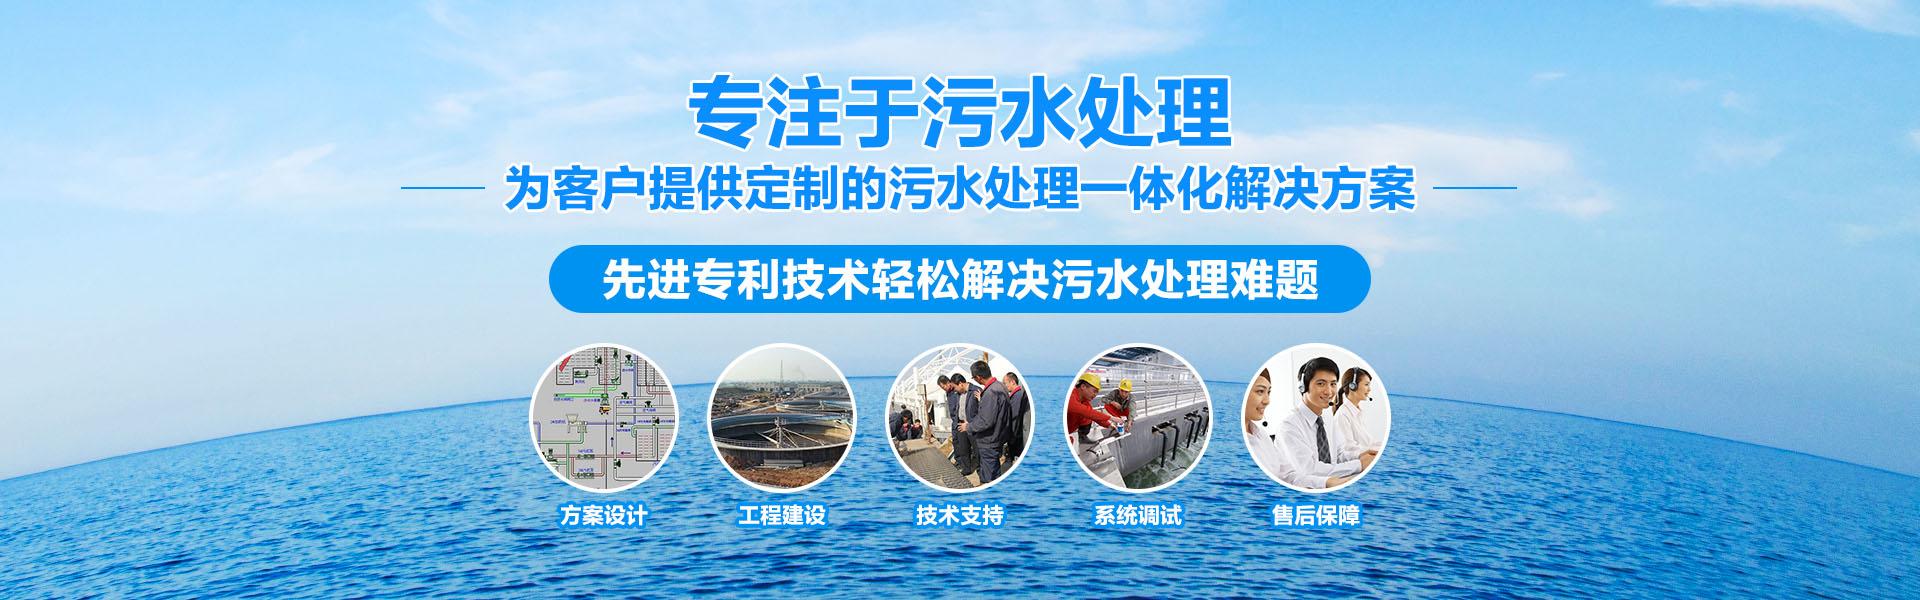 正规足彩环保专注污水处理_为客户提供一体化污水处理方案